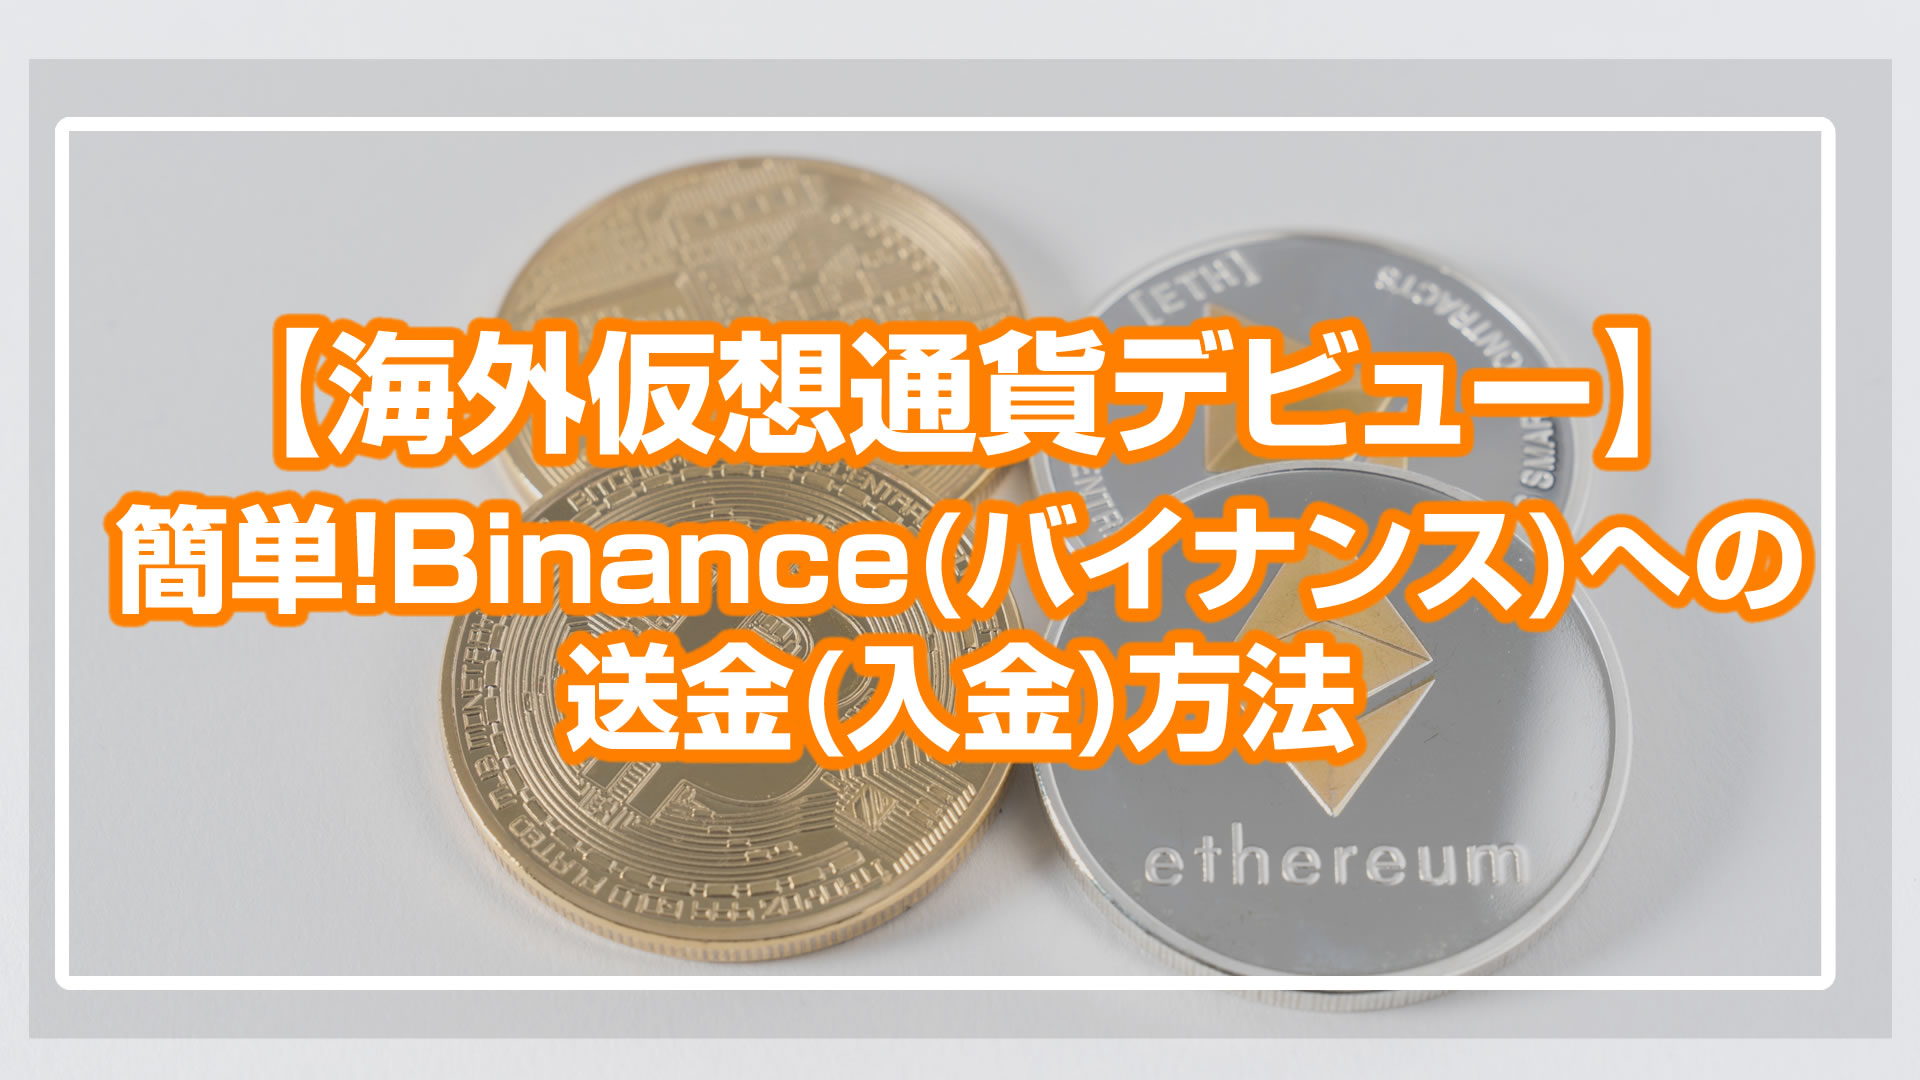 Binance(バイナンス)への送金(入金)方法